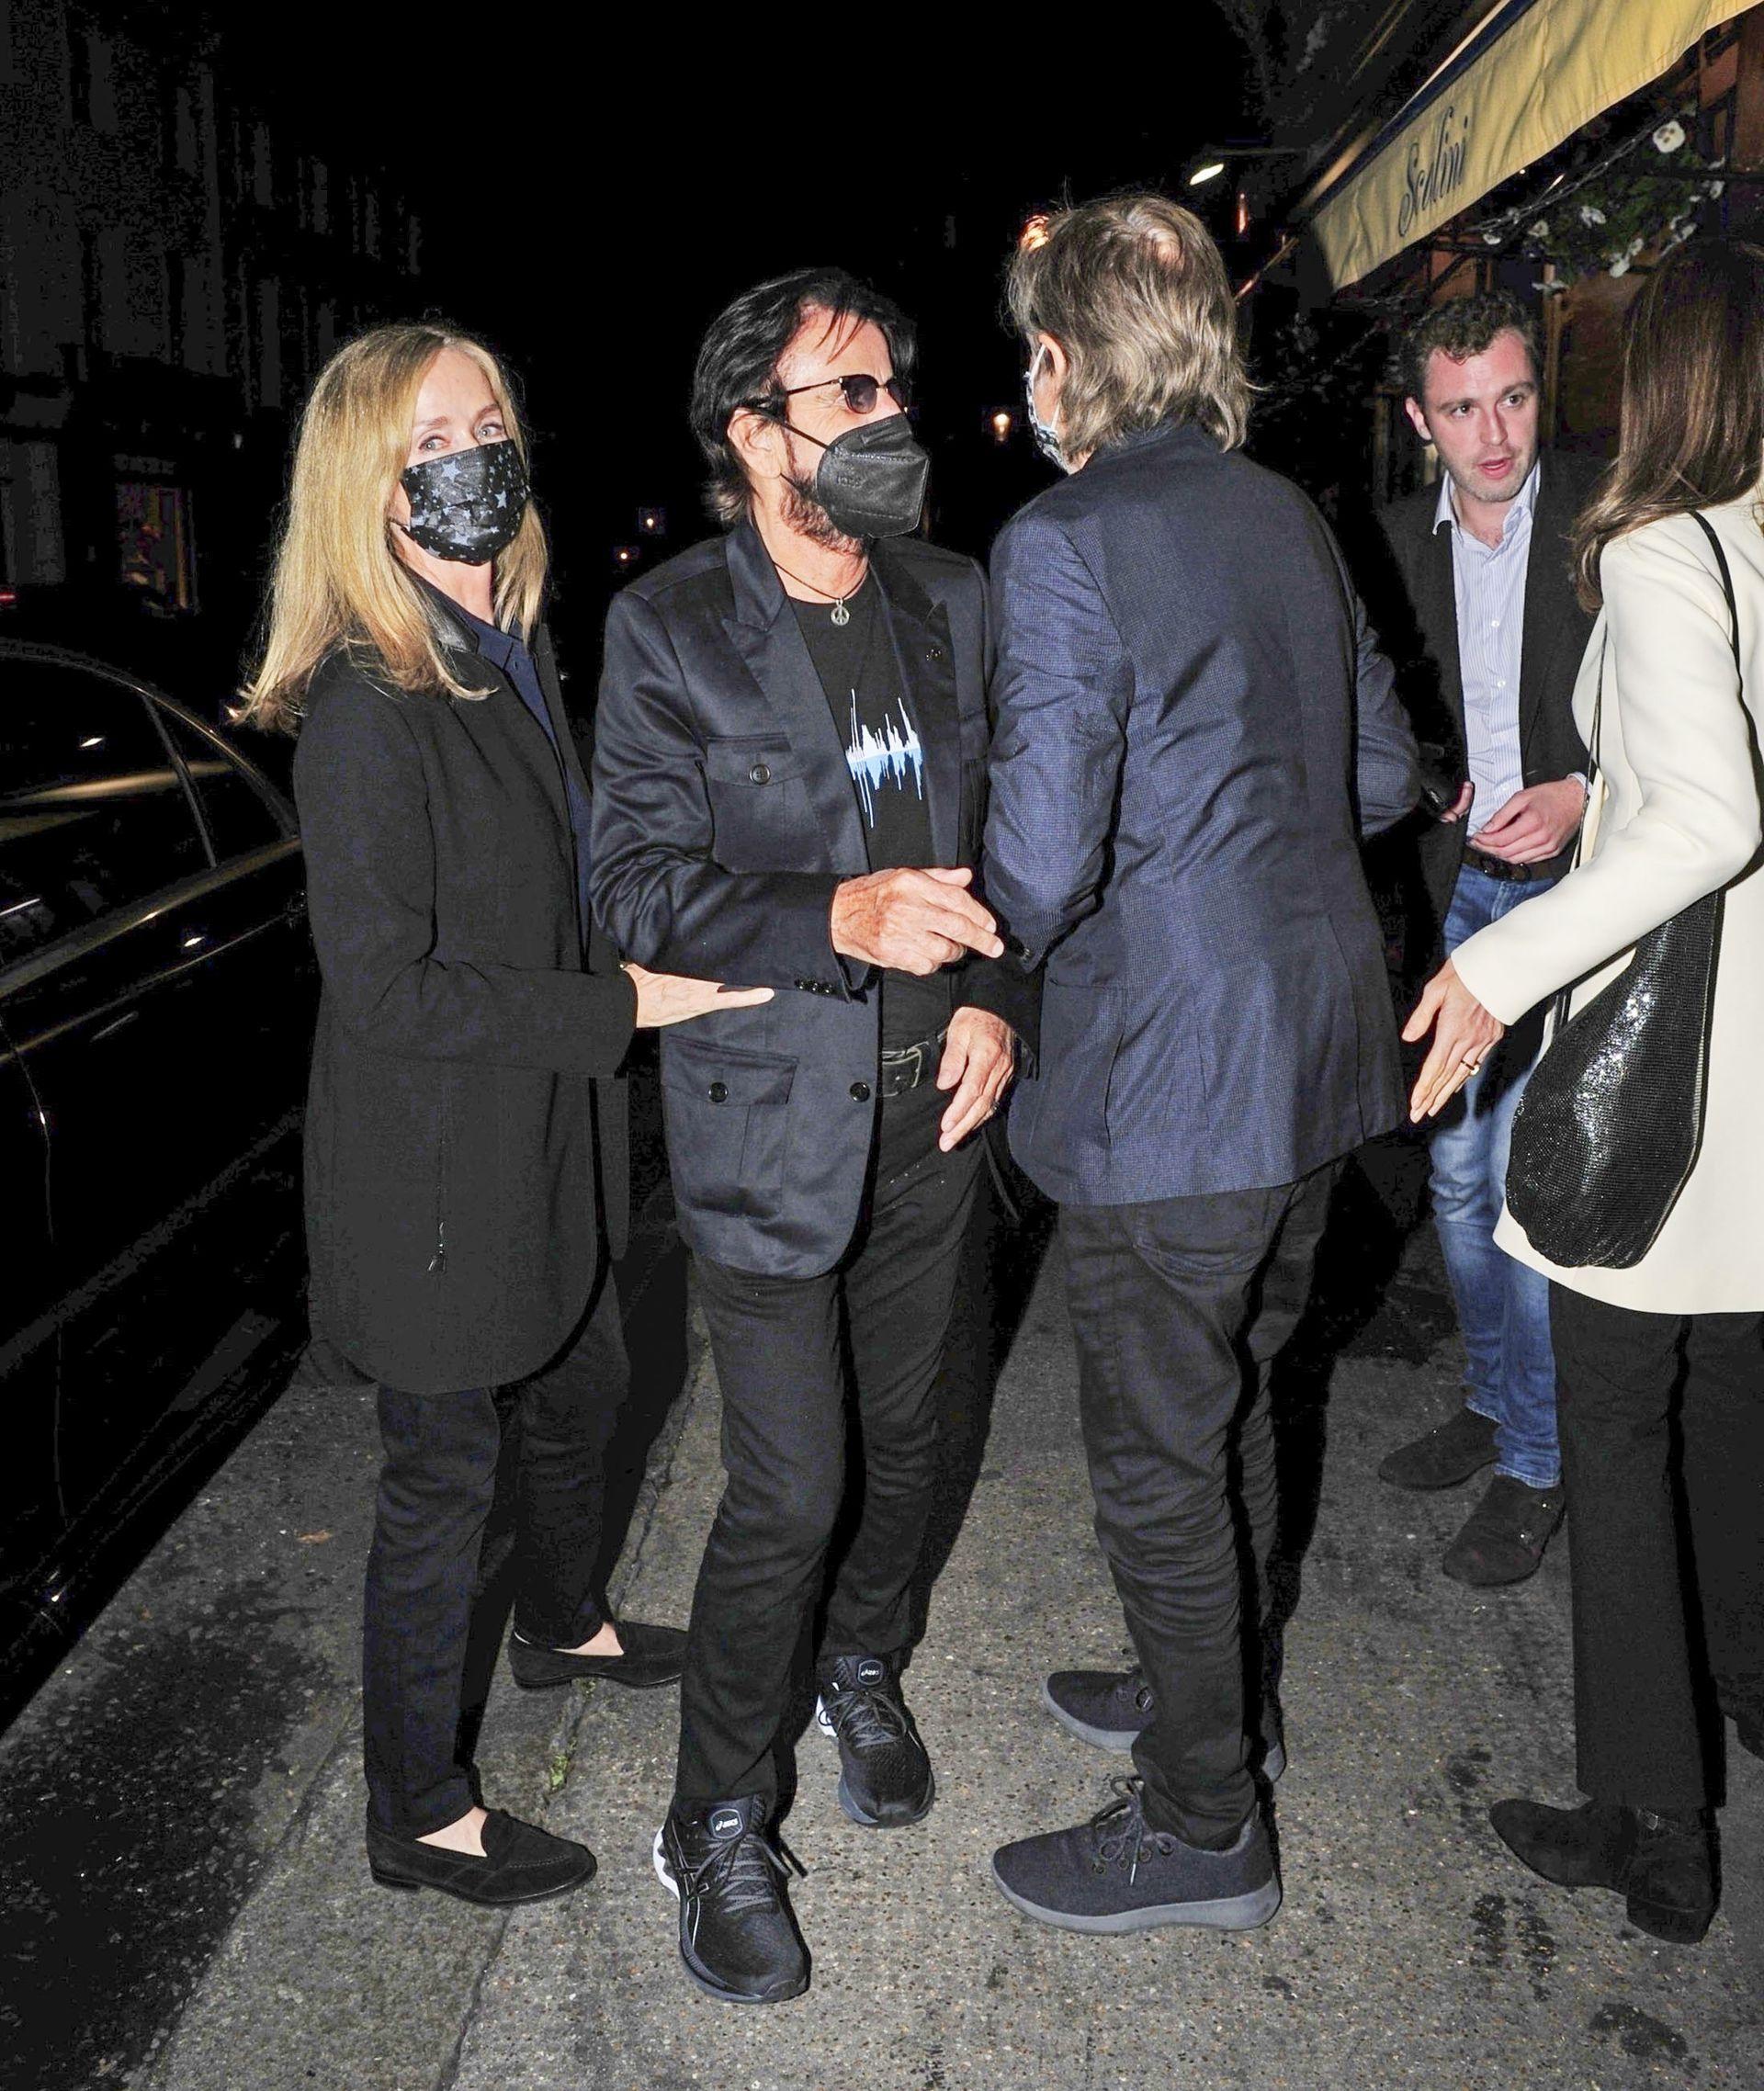 Dos leyendas se saludan.  Paul McCartney y su mujer, Nancy Shevell, se juntaron a cenar con Ringo Starr y su esposa, Barbara Bach, en el restaurante Scalini, ubicado en Londres